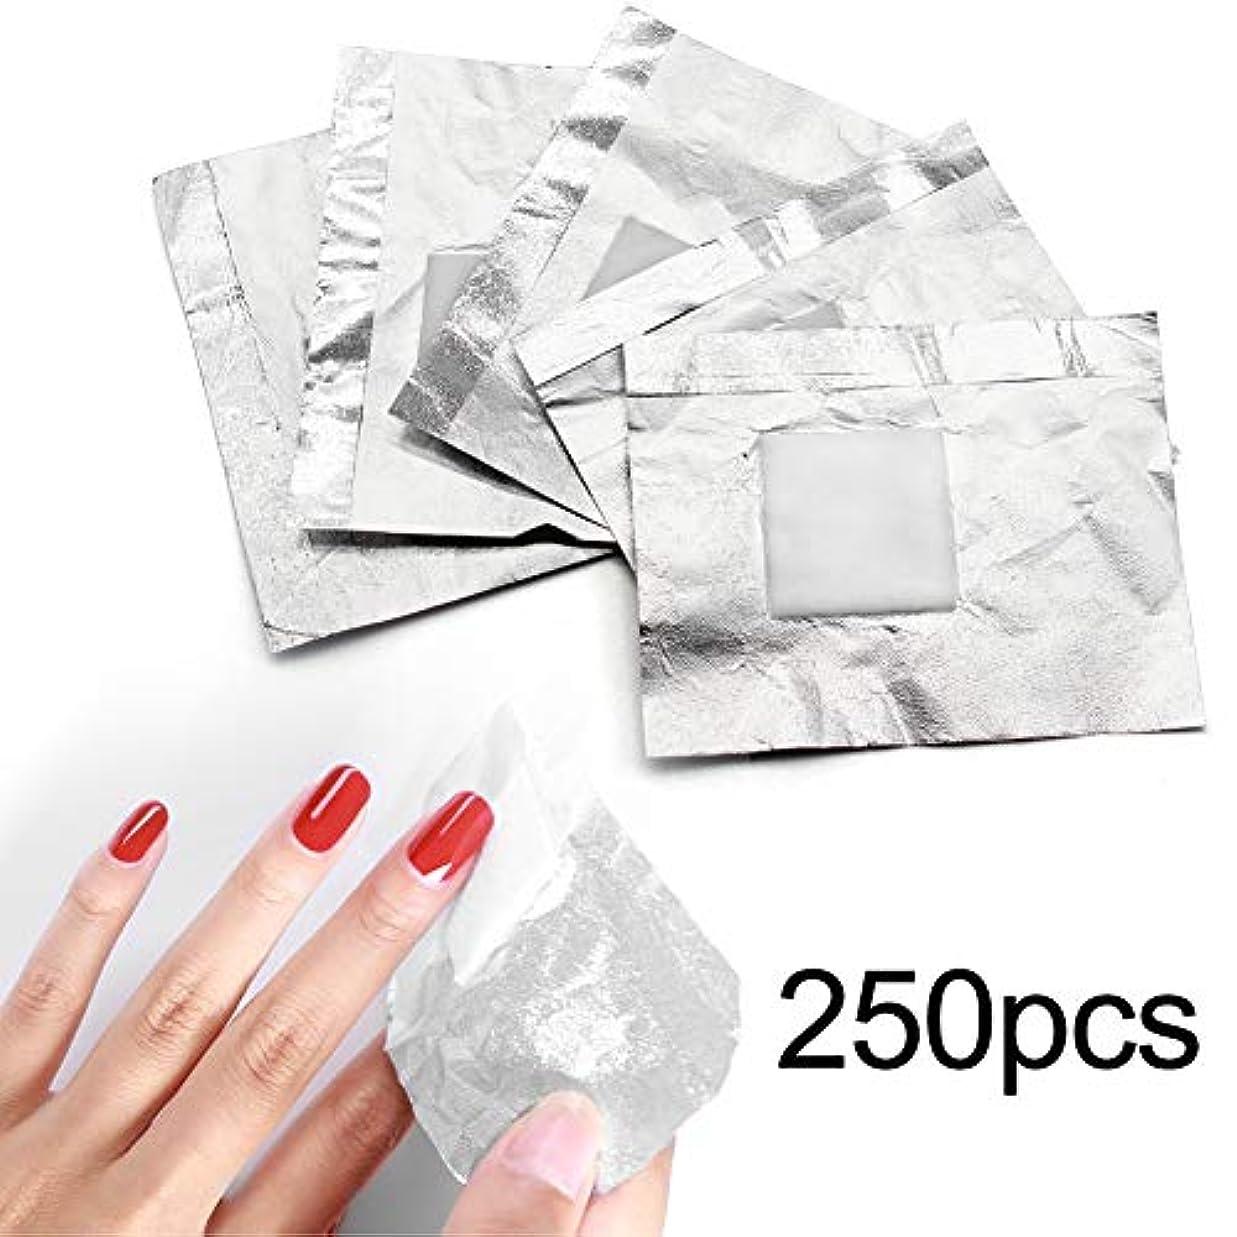 250pcs ネイルポリッシュをきれいにオフするコットン付きアルミホイル/きれいな爪